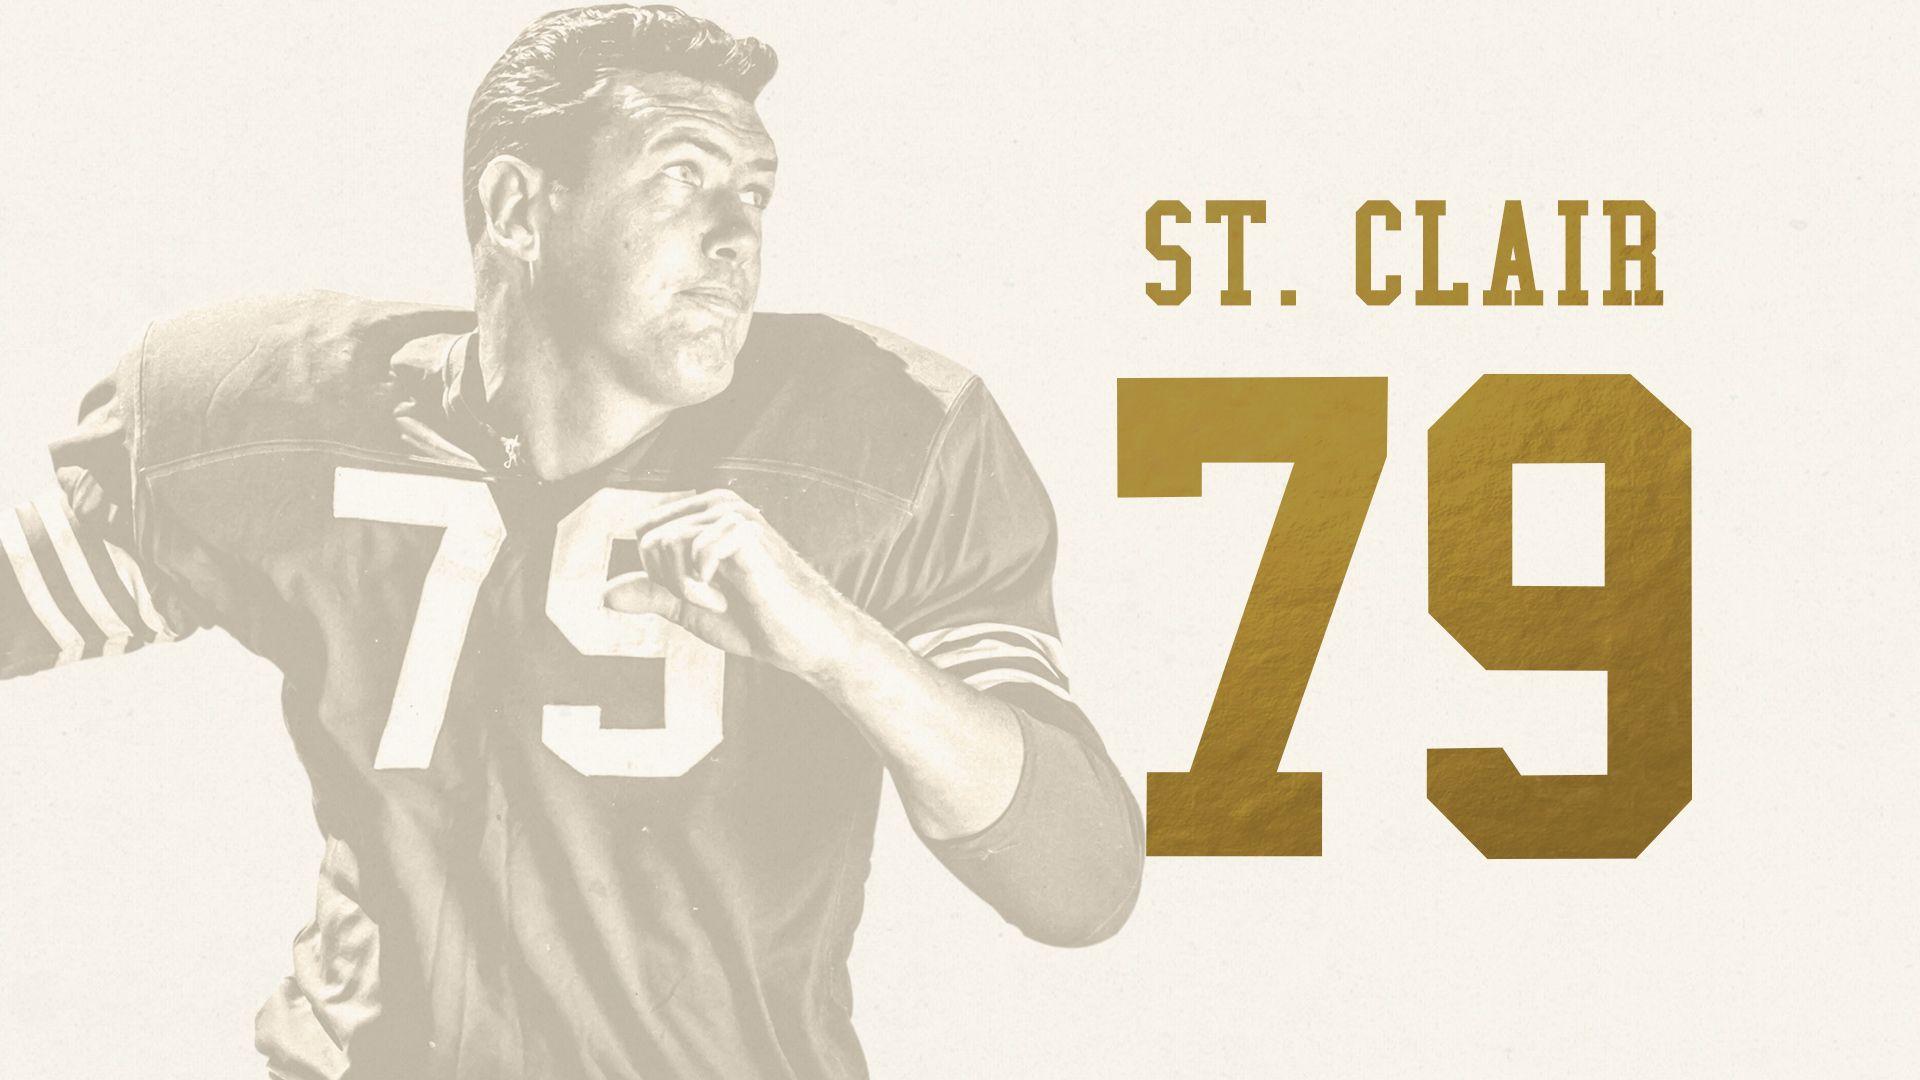 Bob St. Clair, T (1953-1963)